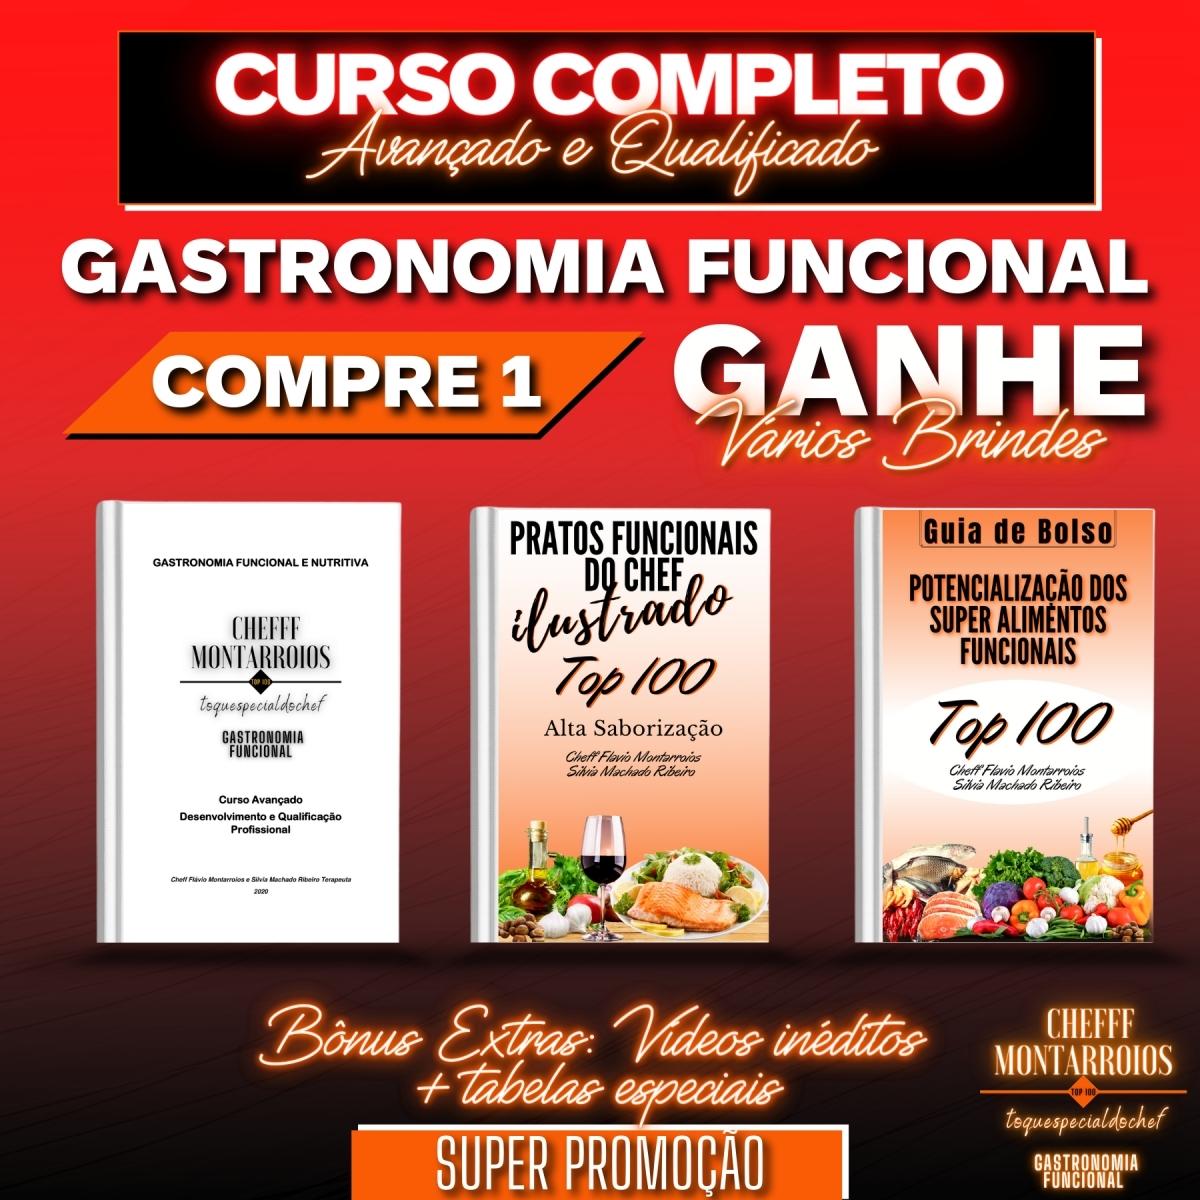 Kit 1 CURSO COMPLETO - Gastronomia Funcional - Foto 1